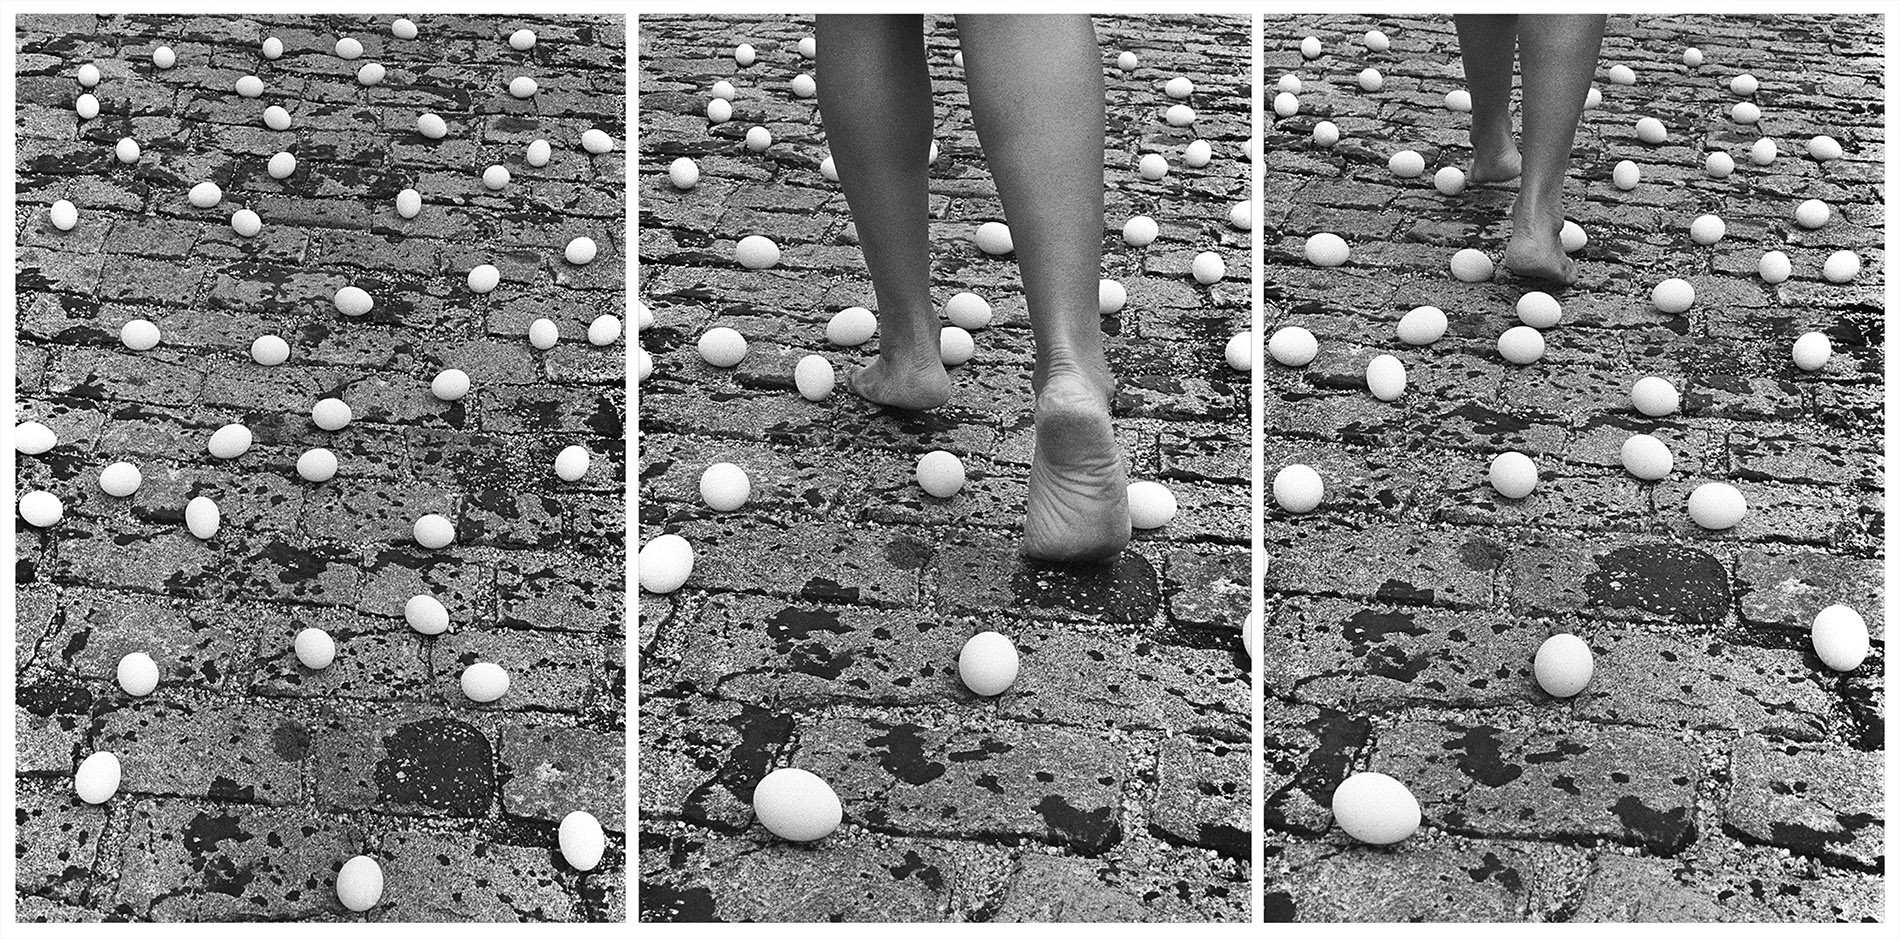 Anna Maria Maiolino, <Entrevidas> (Tra le vite), dalle serie Fotopomeazione, 1981/2010 Fotografia in bianco e nero, stampa digitale (dettaglio, una parte di un trittico). Courtesy dell'artista, collezione privata Monza e Galleria Raffaella Cortese, Milano.